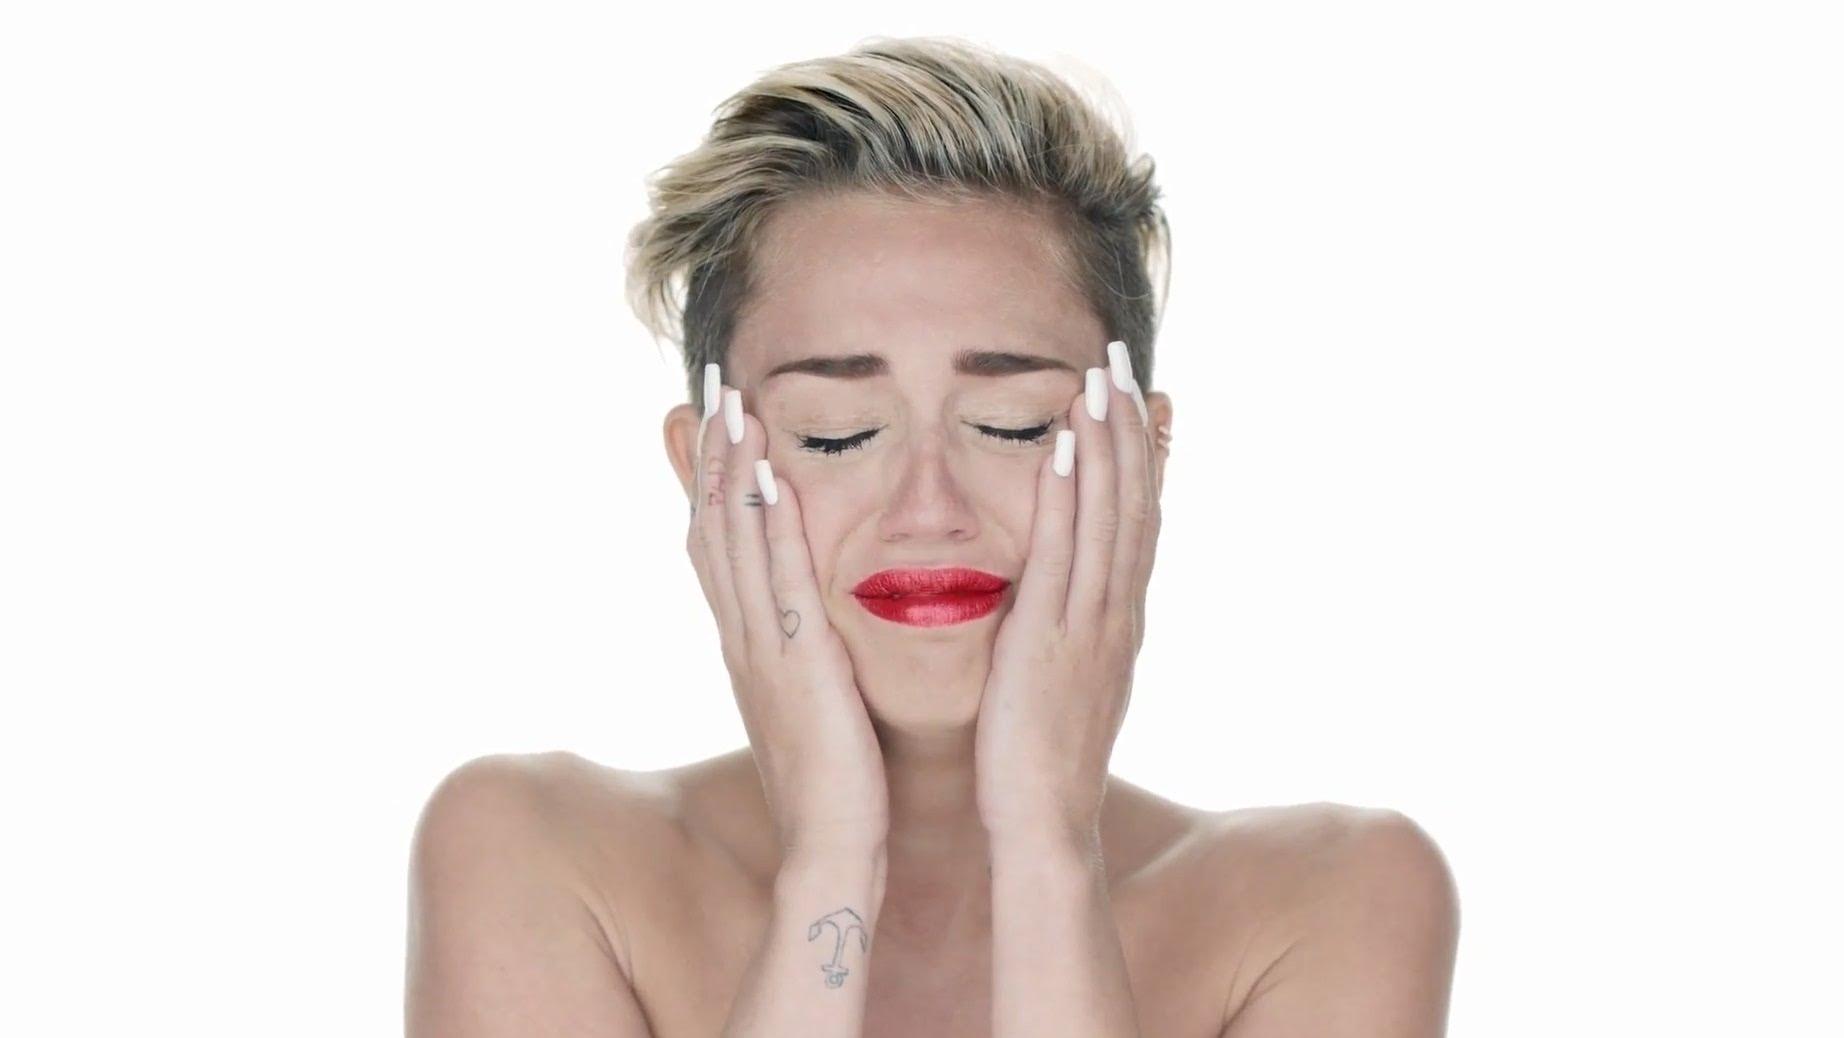 Miley-cryus-RCA